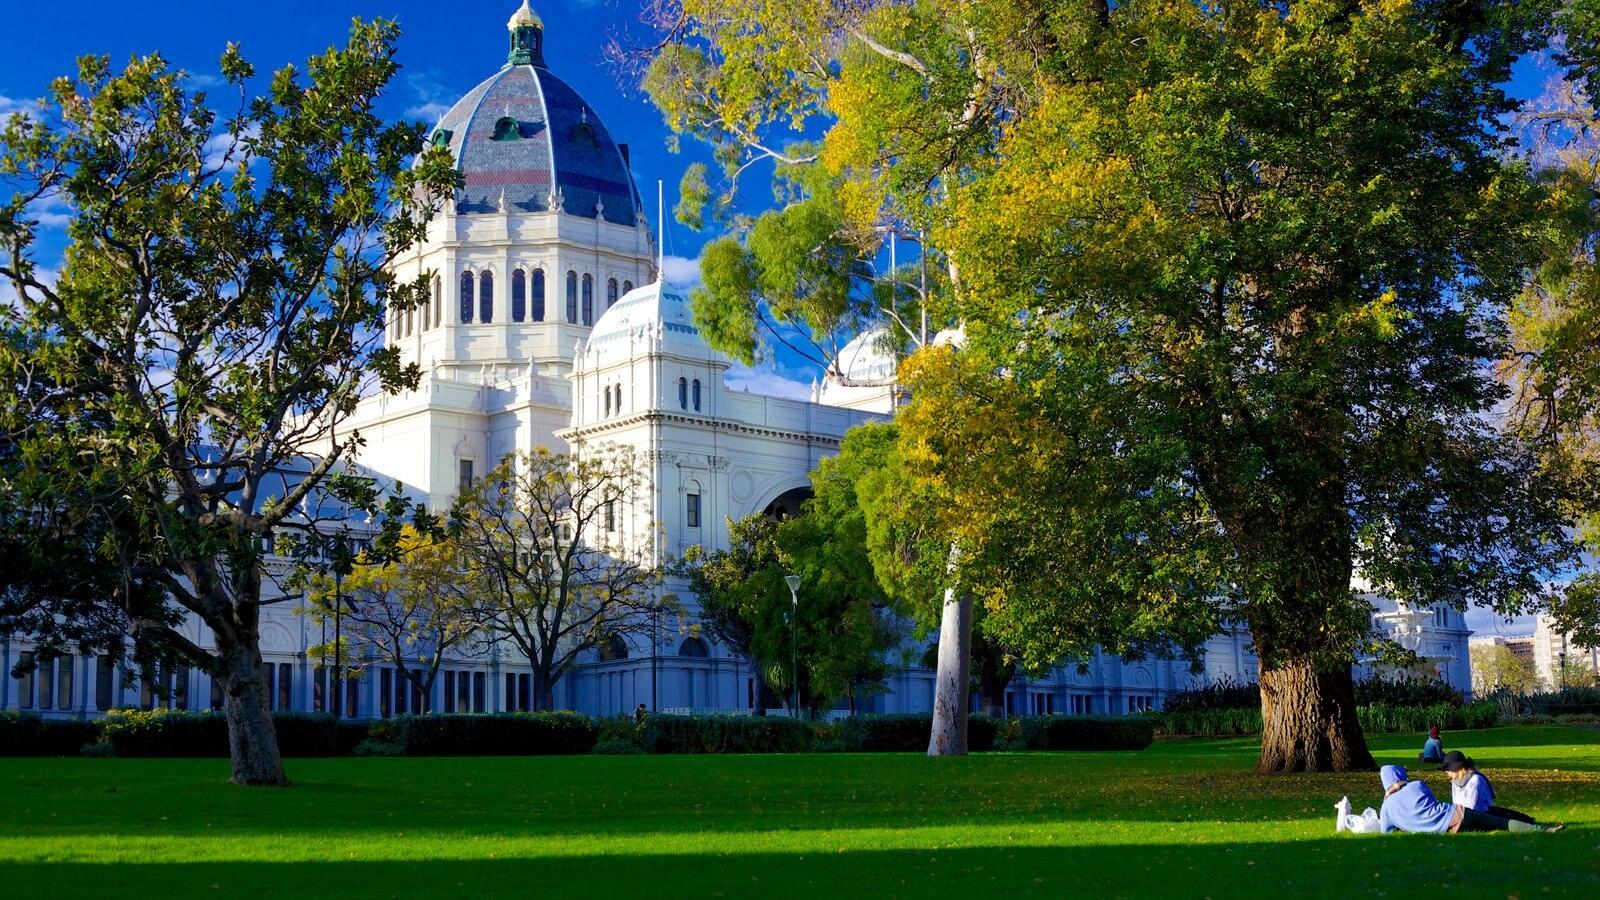 Jardins de Carlton que inclui um pequeno castelo ou palácio e um parque